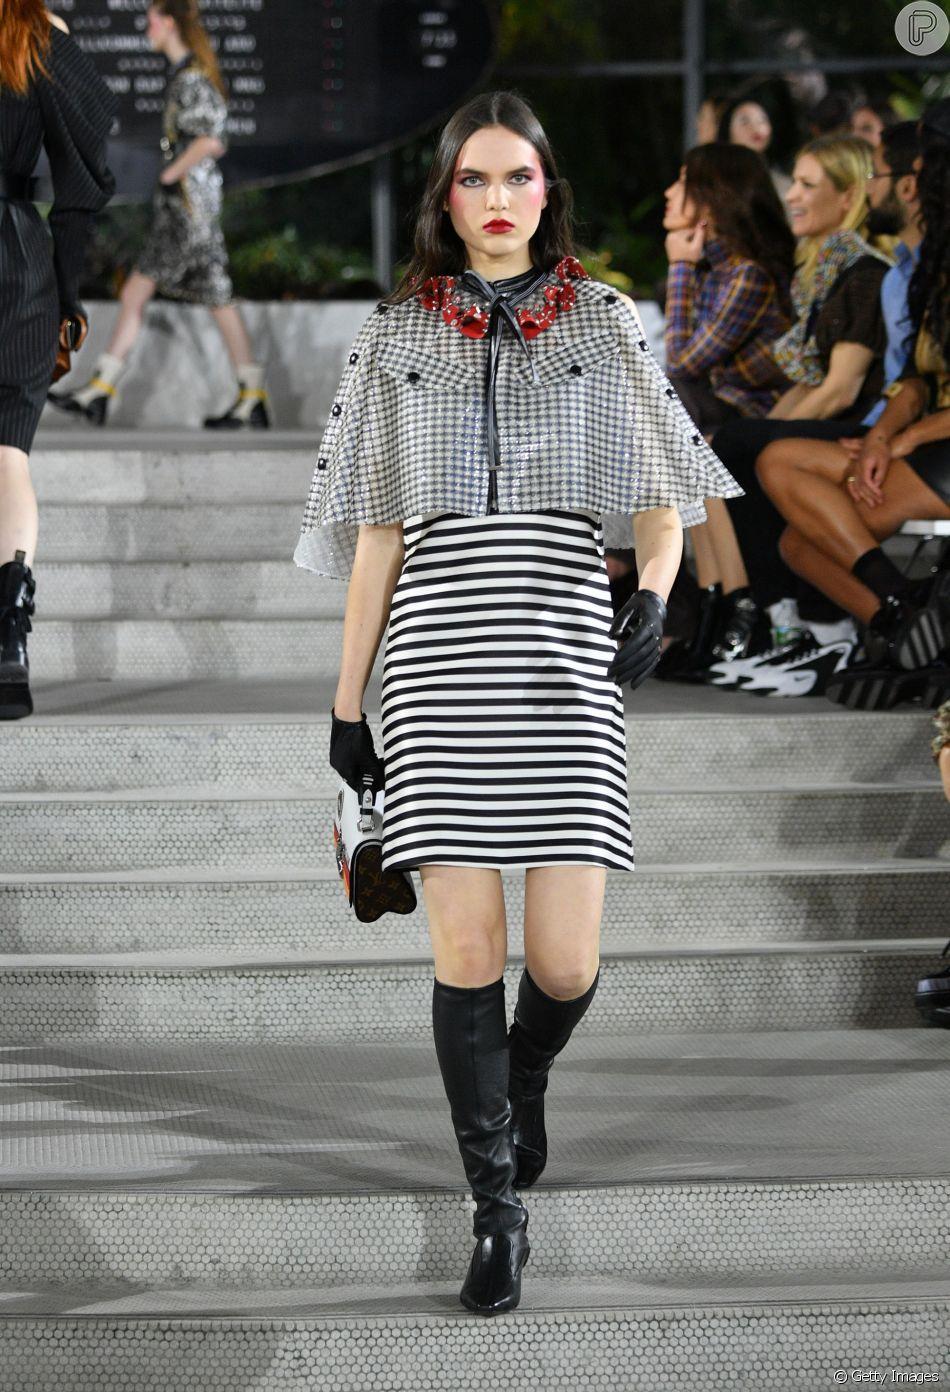 Combinação clássica, preto e branco aparece em novas versões nas passarelas. Mix de estampas em preto e branco da Louis Vuitton